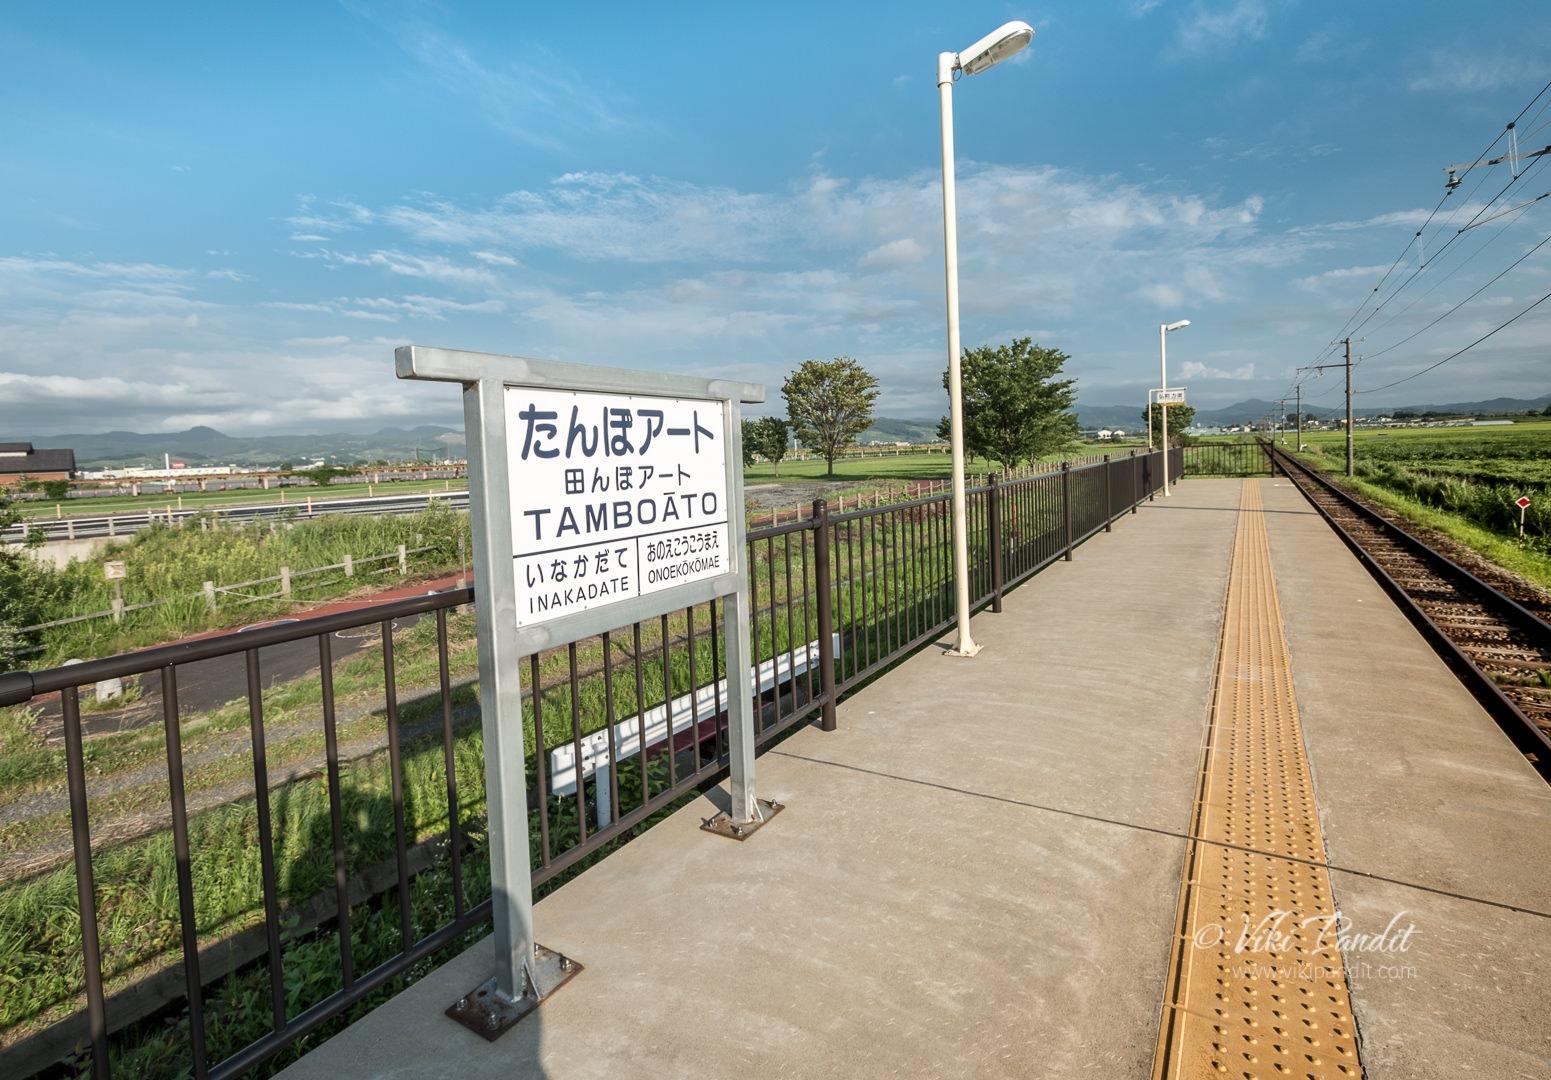 Tambo-Art-Station